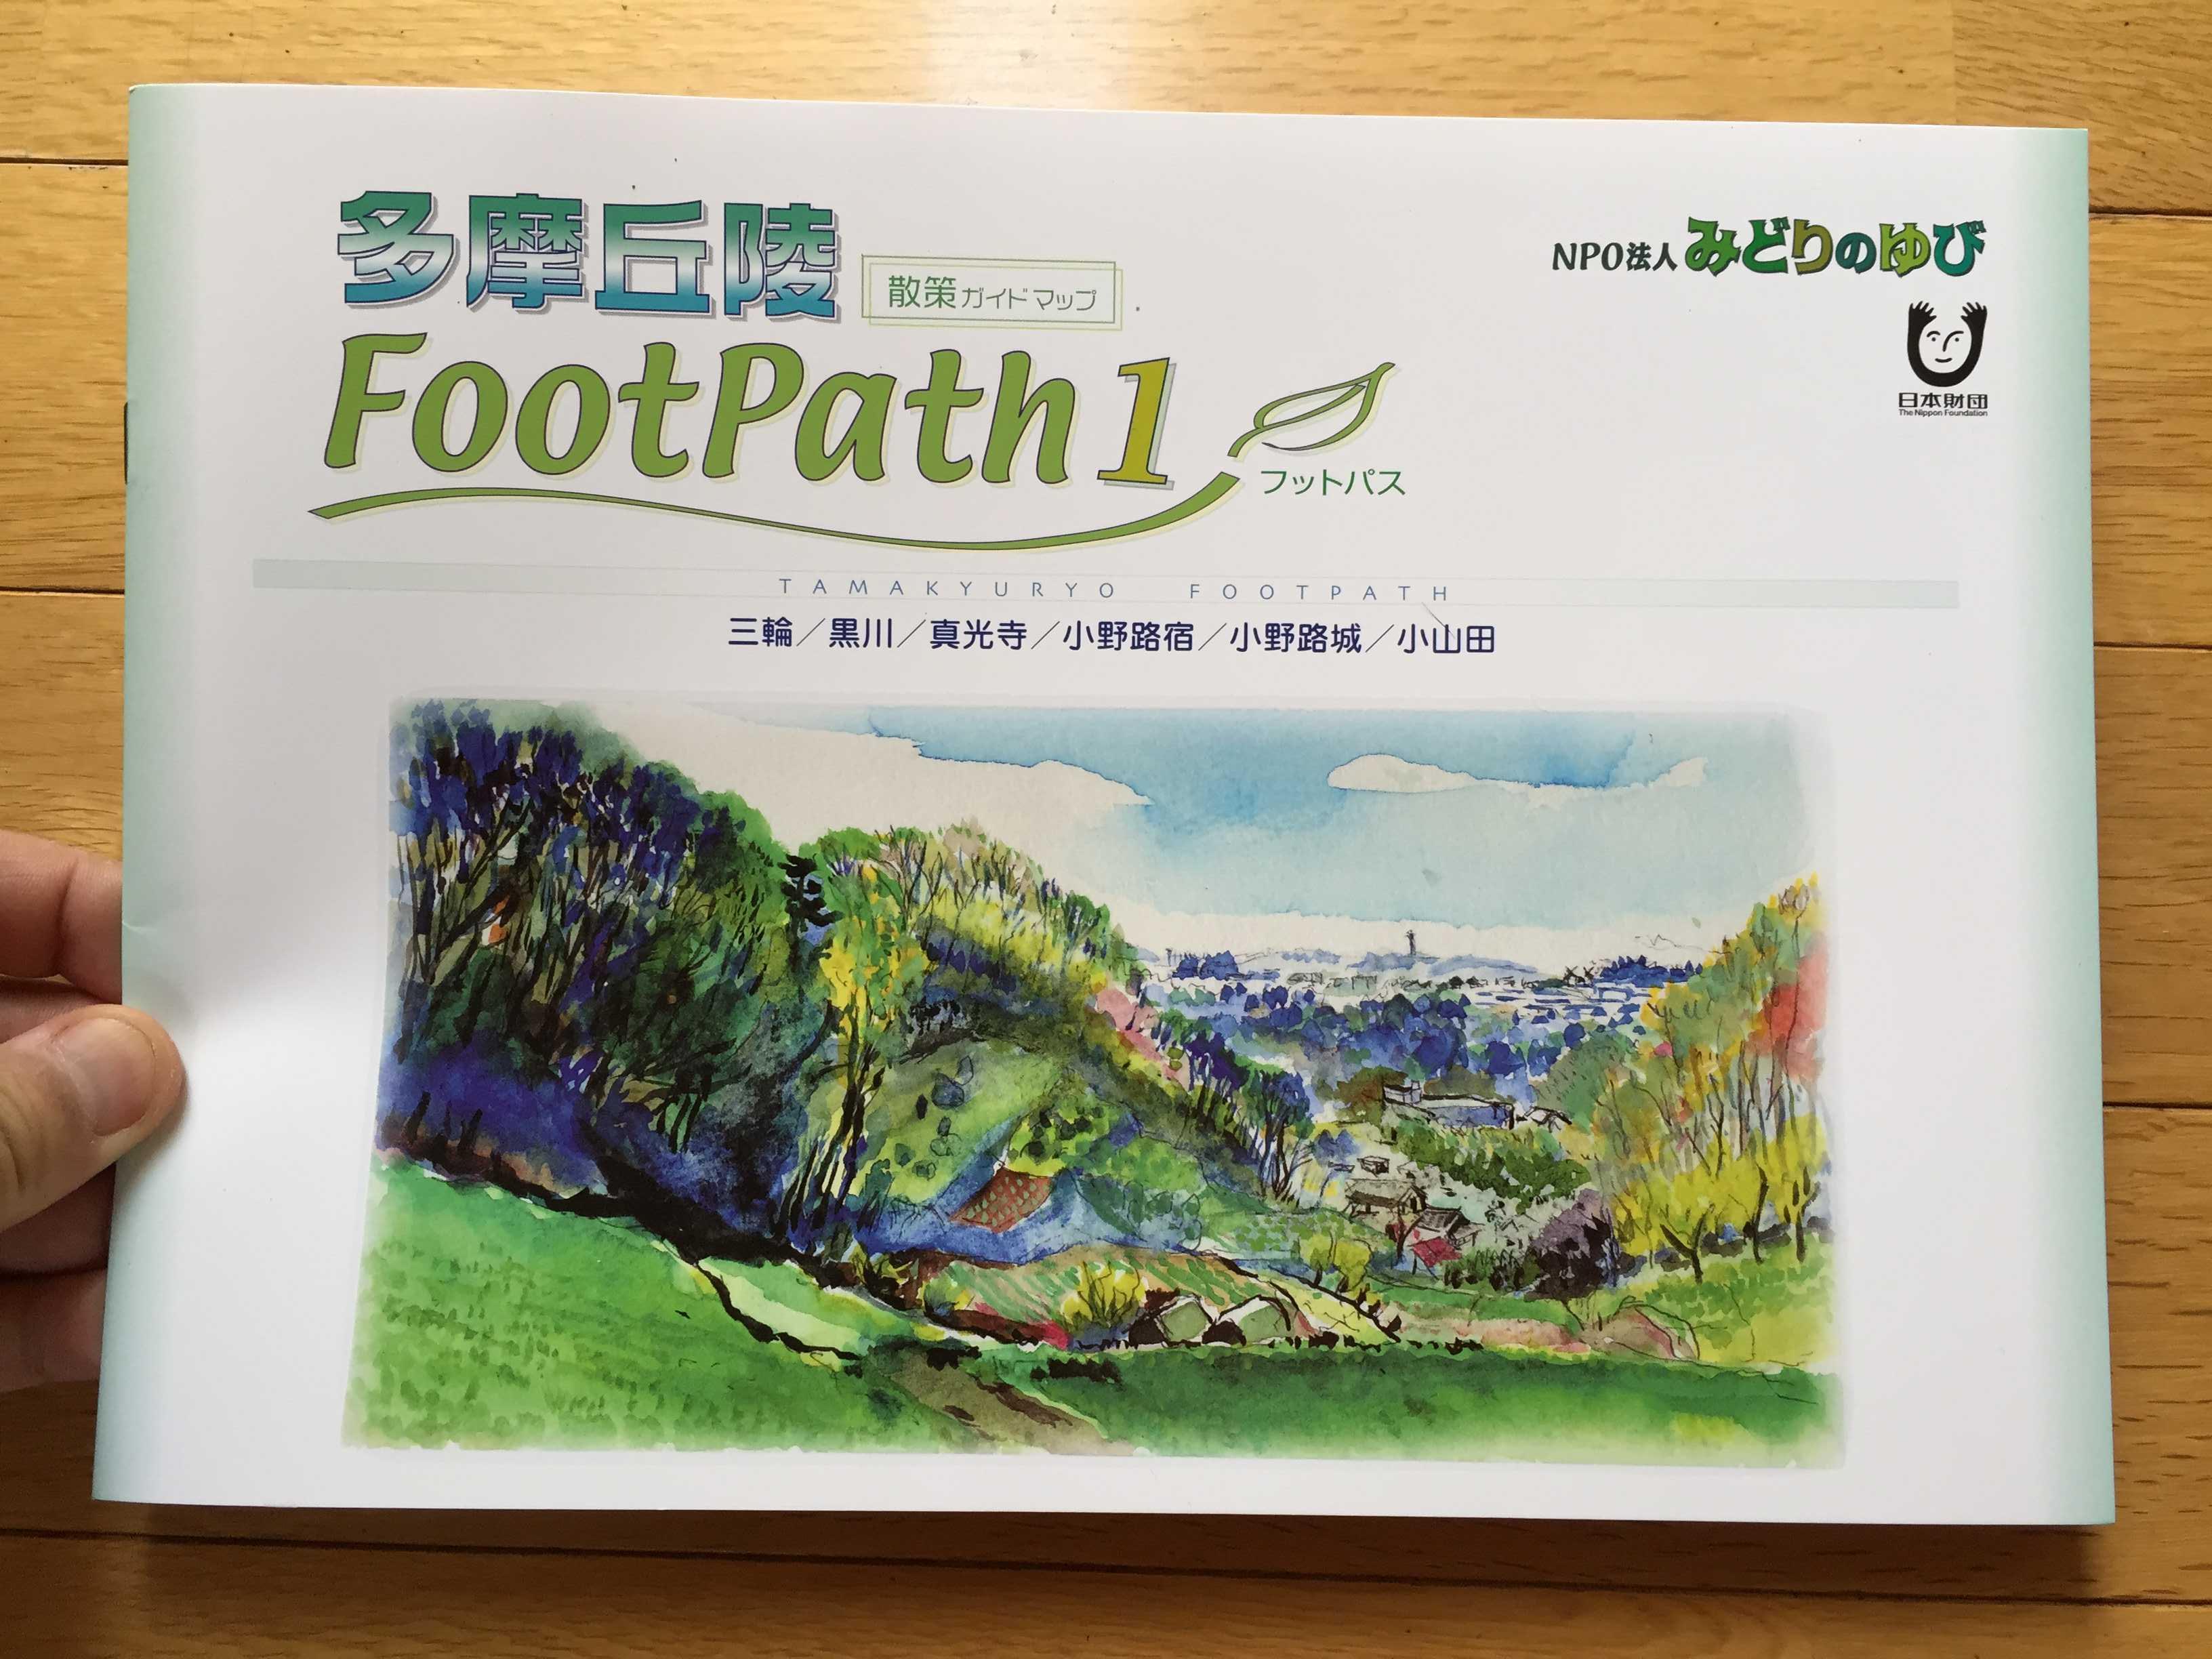 多摩丘陵 FootPath 1 散策ガイドブック